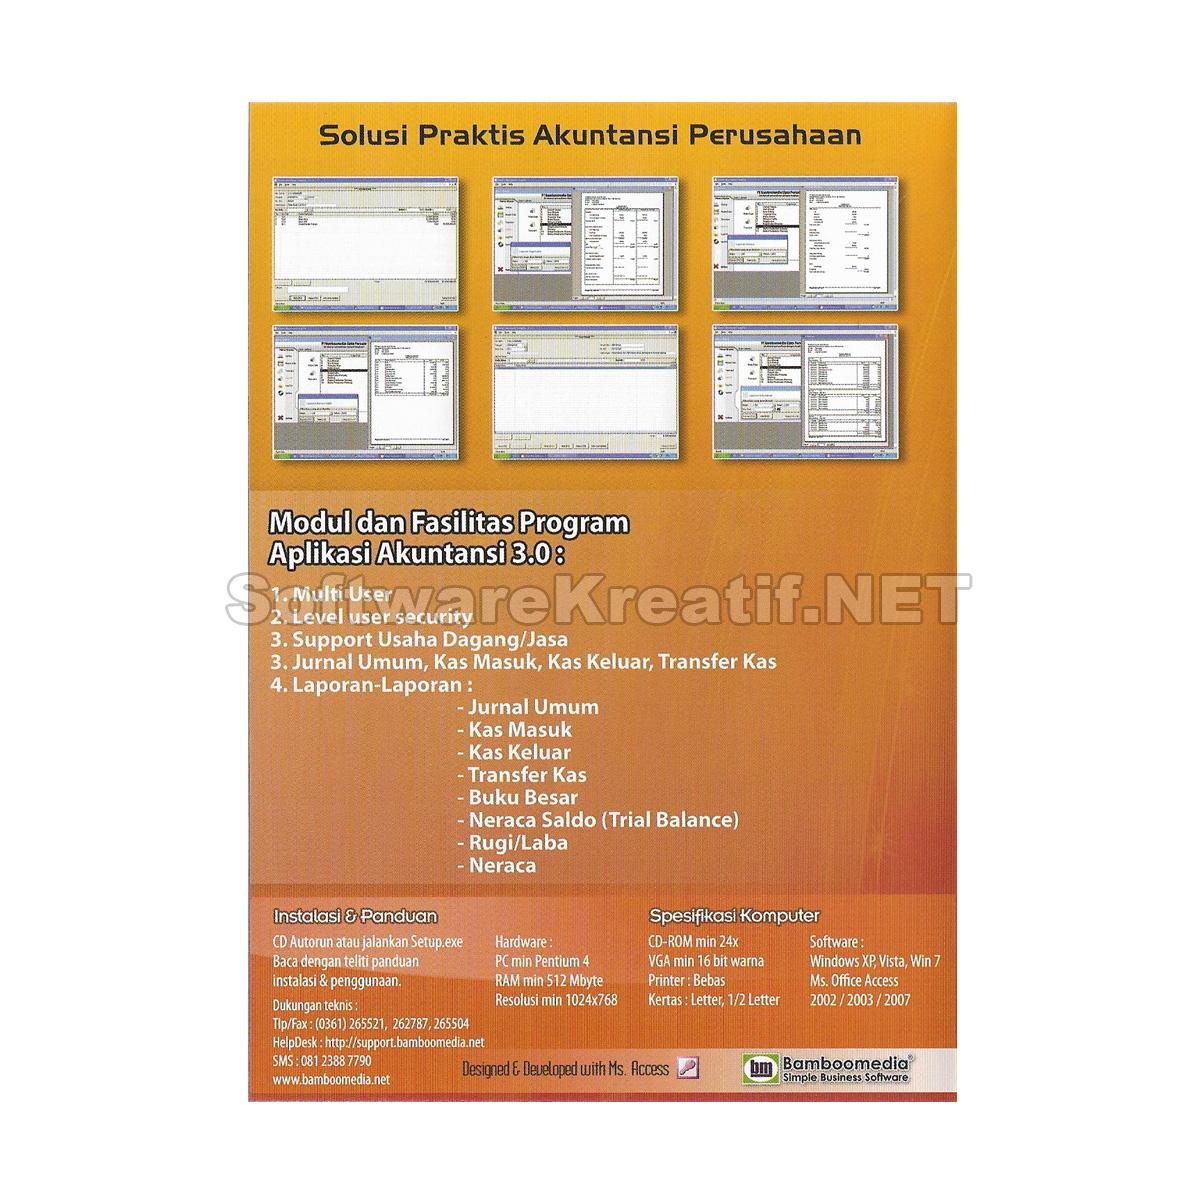 aplikasi untuk dagang Aplikasi pembelian dan penjualan barang dagang pada cv  gemilang muliatama cikarang.